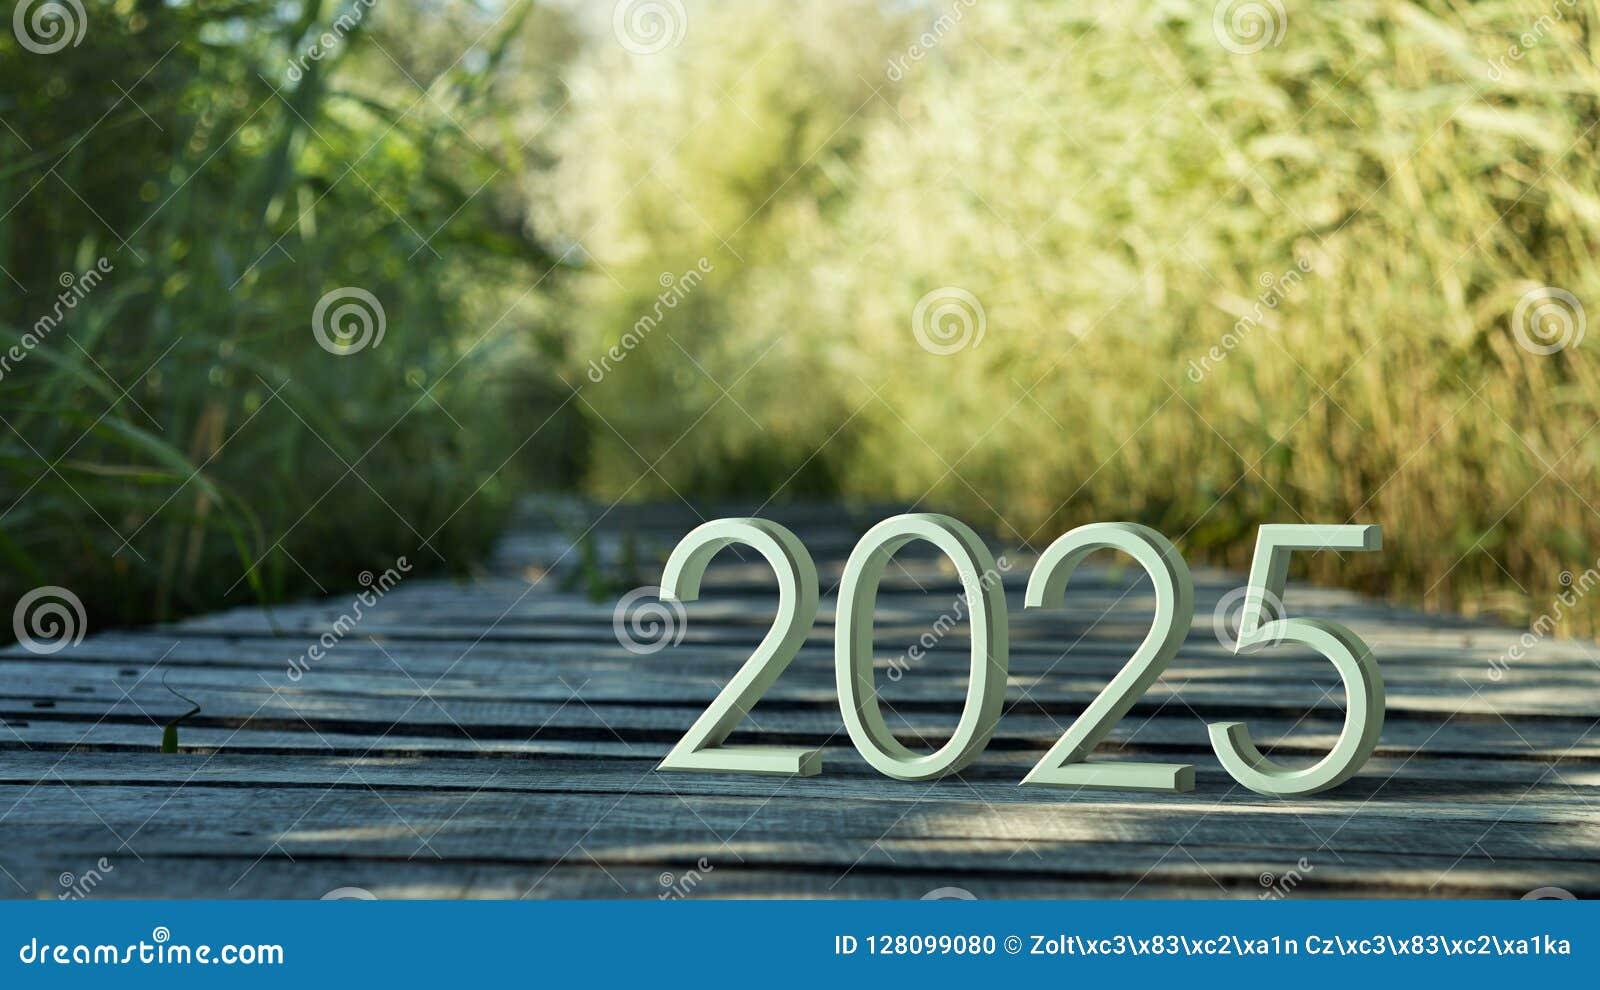 2025 3d rendering.